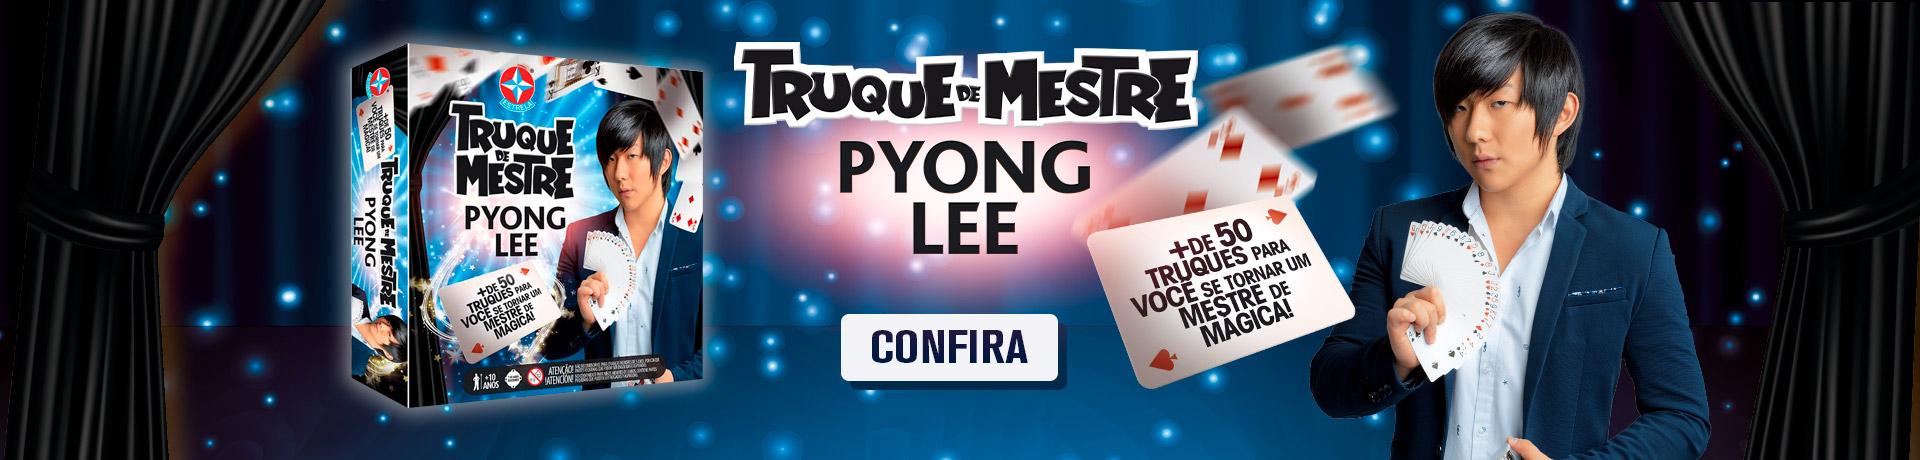 Jogo Truque de Mestre Pyong Lee